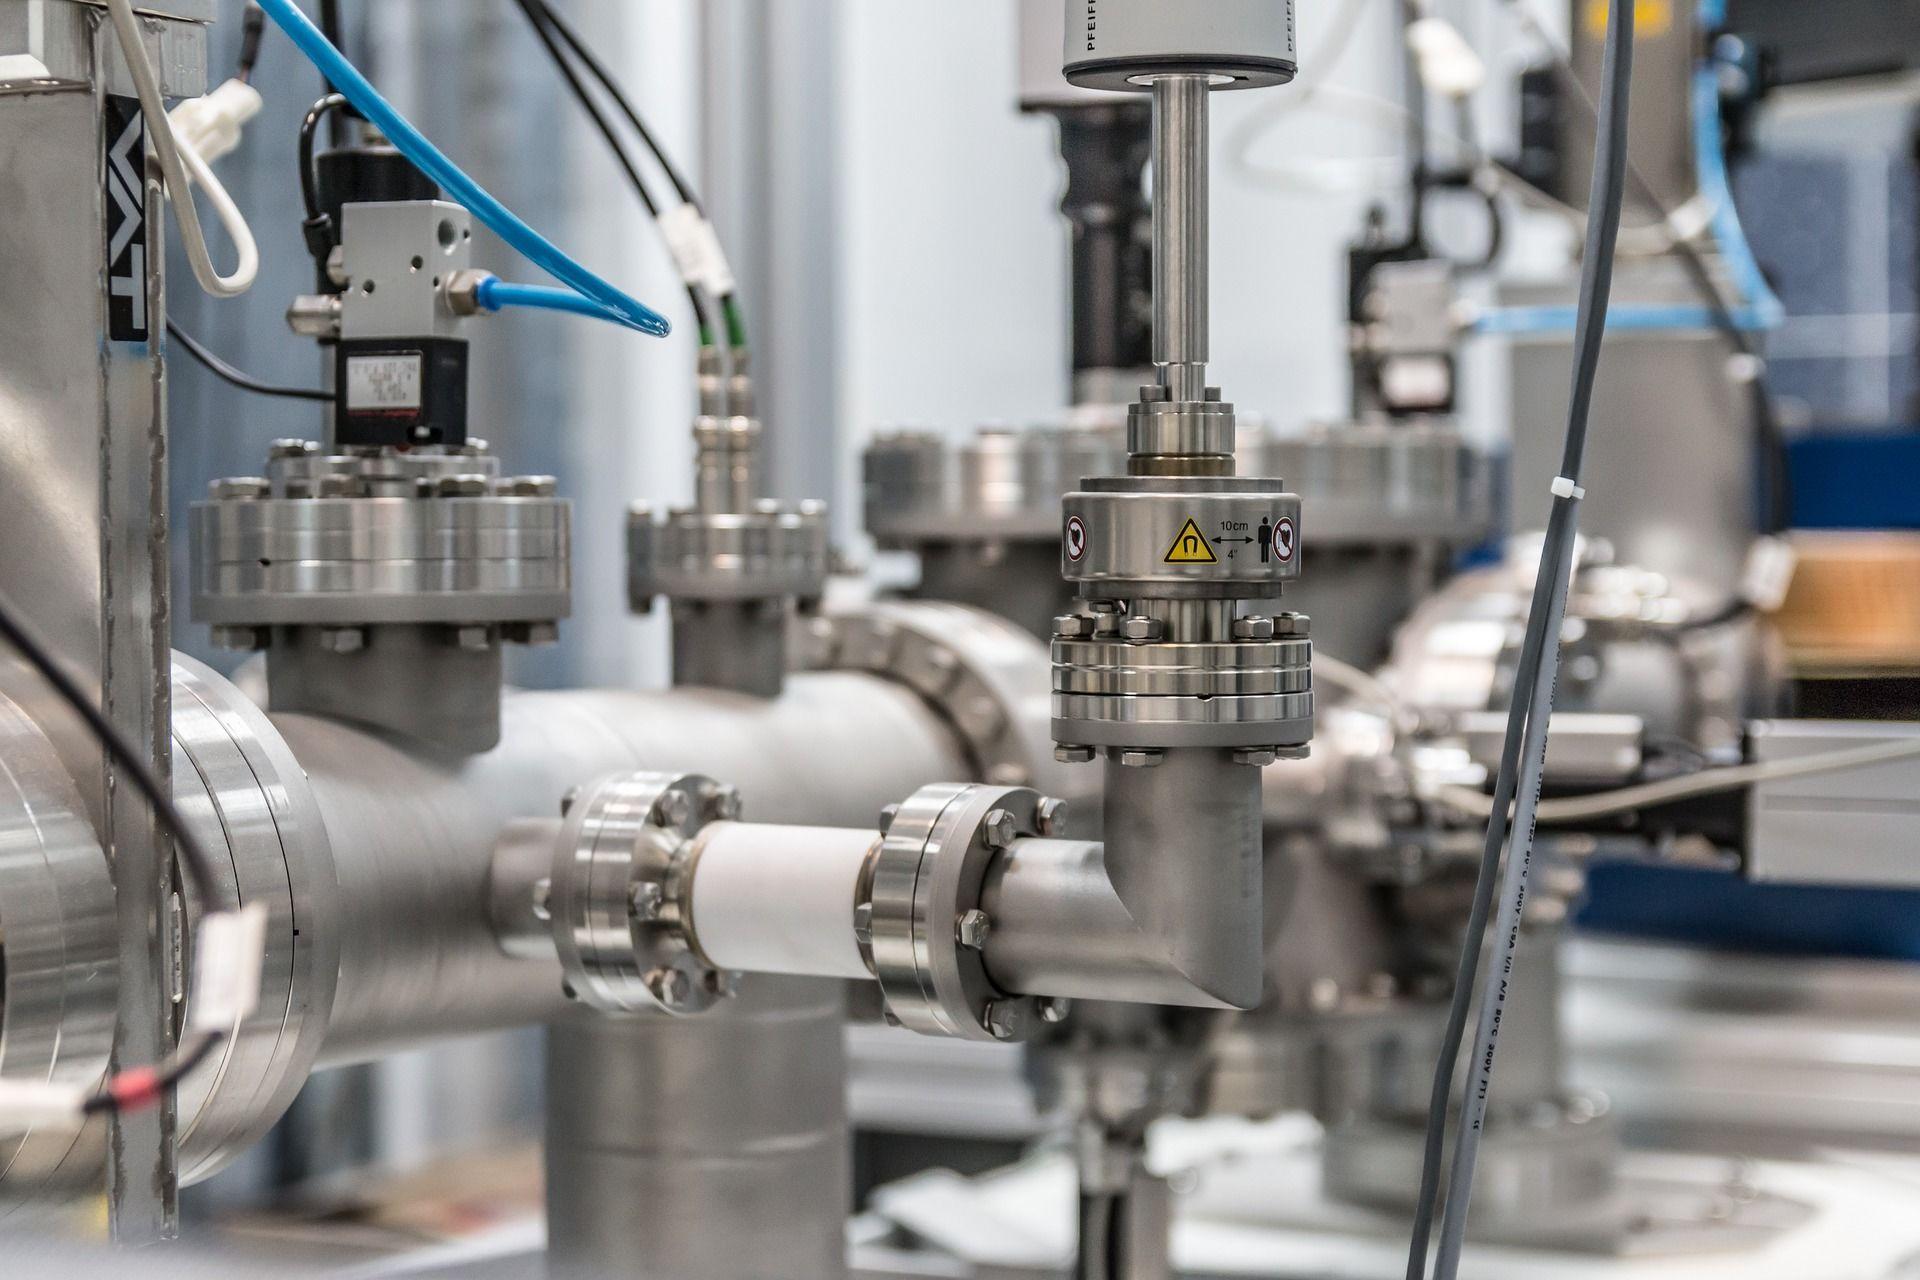 백제테크<br>사출기·압출기·블로우 유압공압부품, <br>냉각기, 로보트, 온도조절기 등 플라스틱산업기계 부품 <br>신속하게 공급!